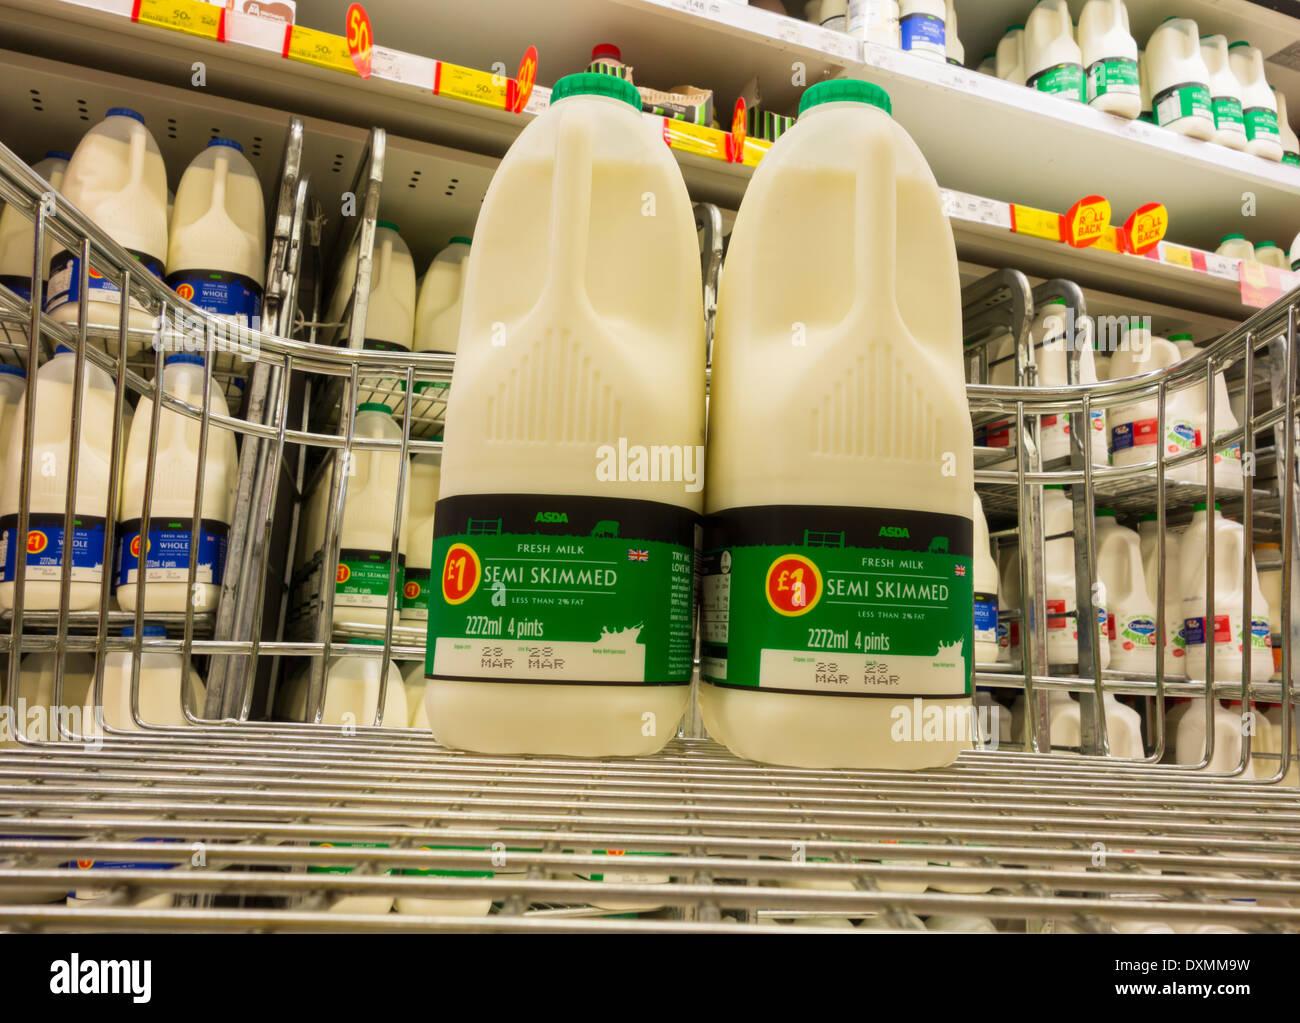 Milk in supermarket trolley in Asda store. UK - Stock Image